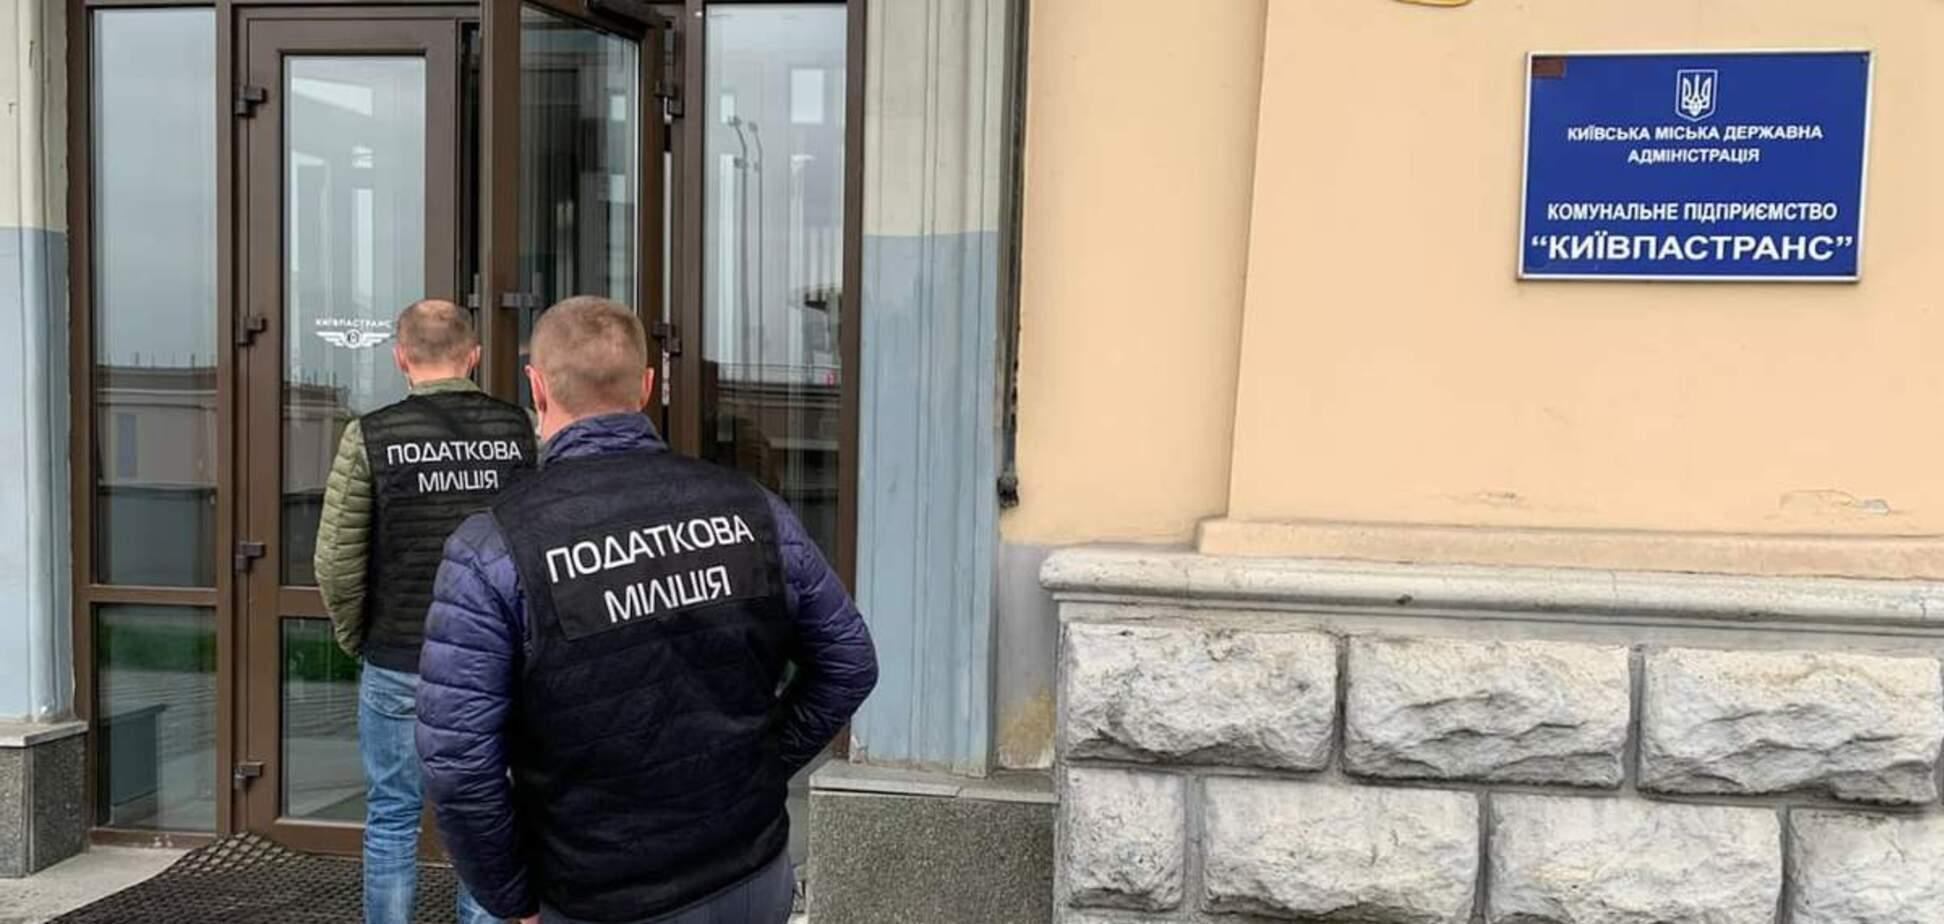 У 'Київпастрансі' проходять обшуки